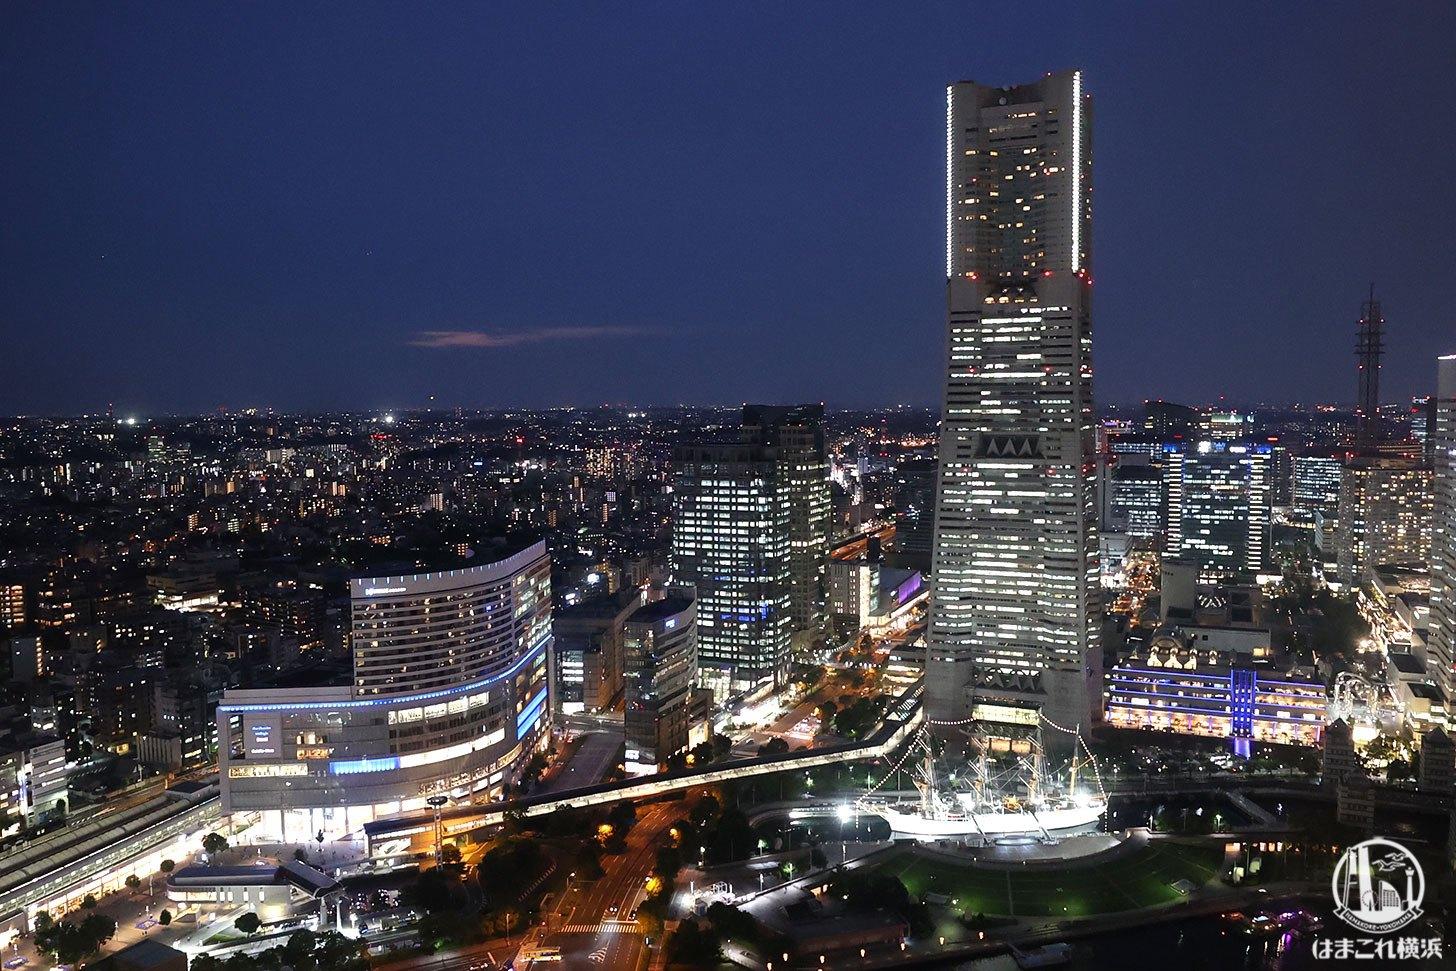 横浜北仲ノット無料展望台から見た夜景 横浜ランドマークタワーや横浜駅側